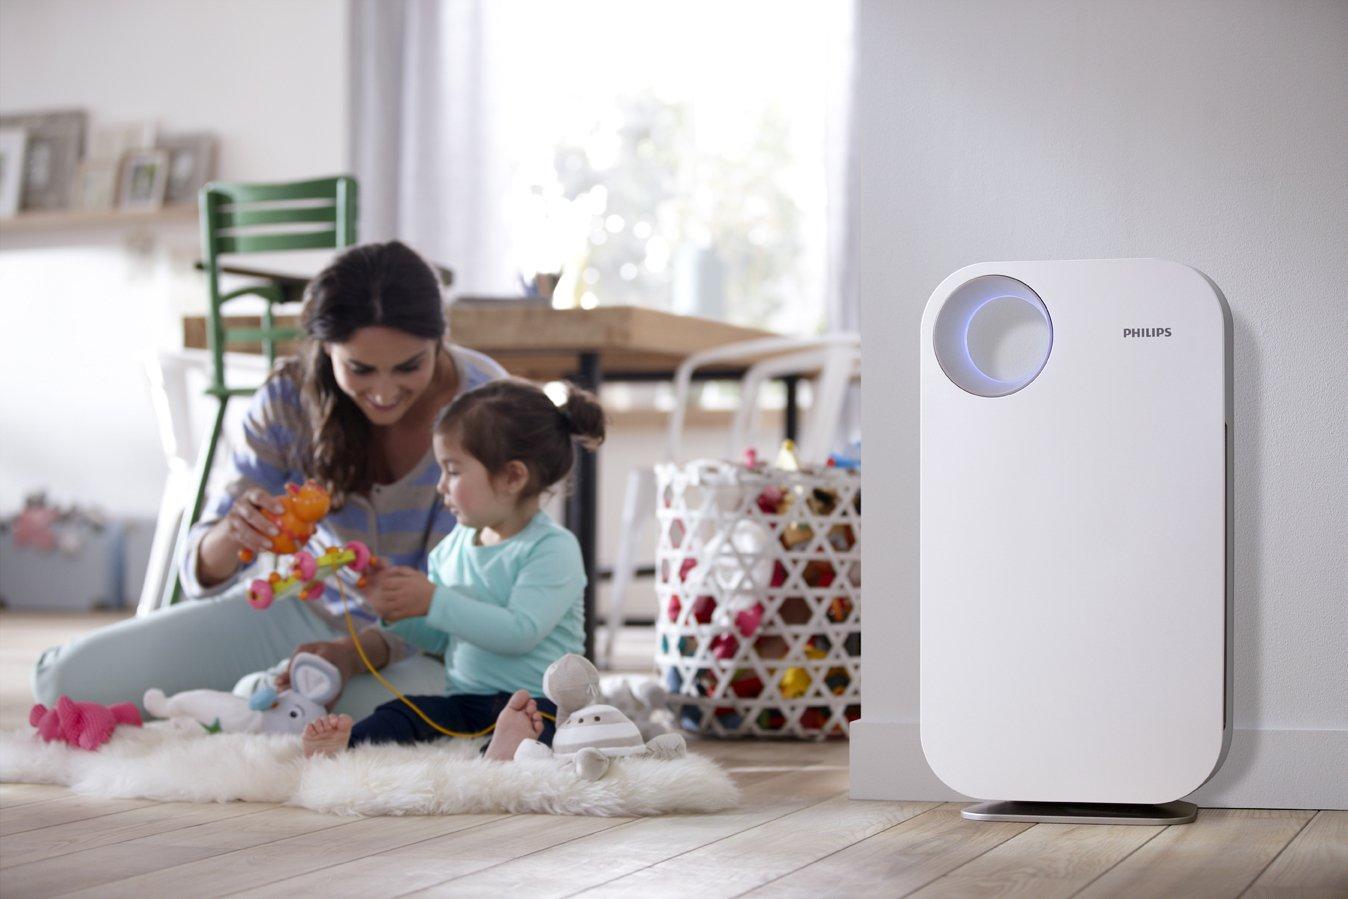 Purificador de aire con filtro HEPA, Philips